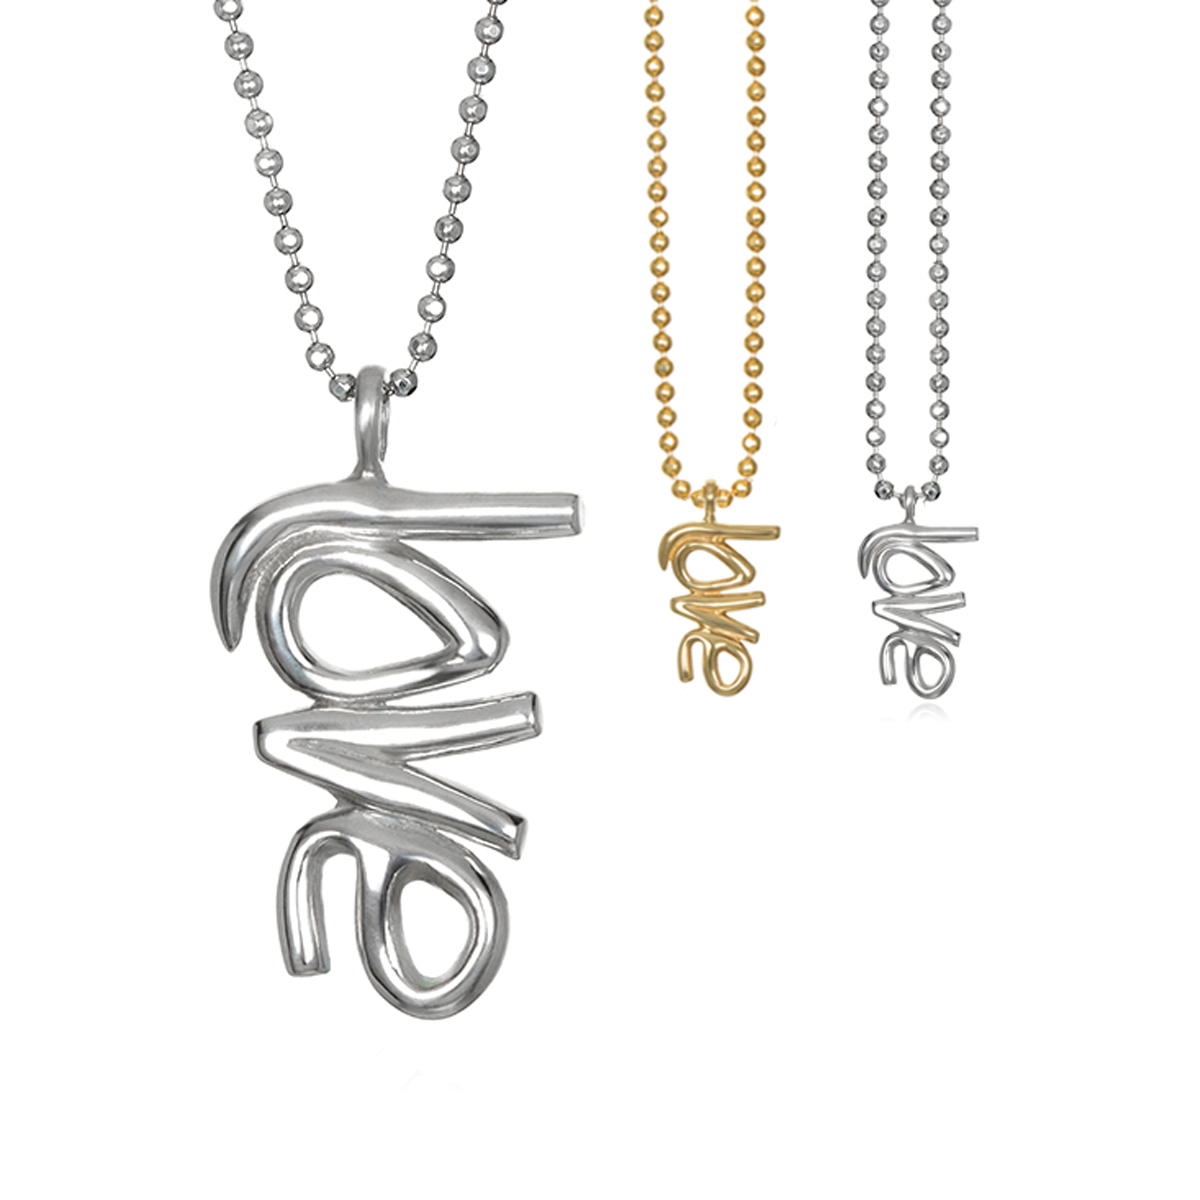 Nicole Landaw / Kid Jeweler